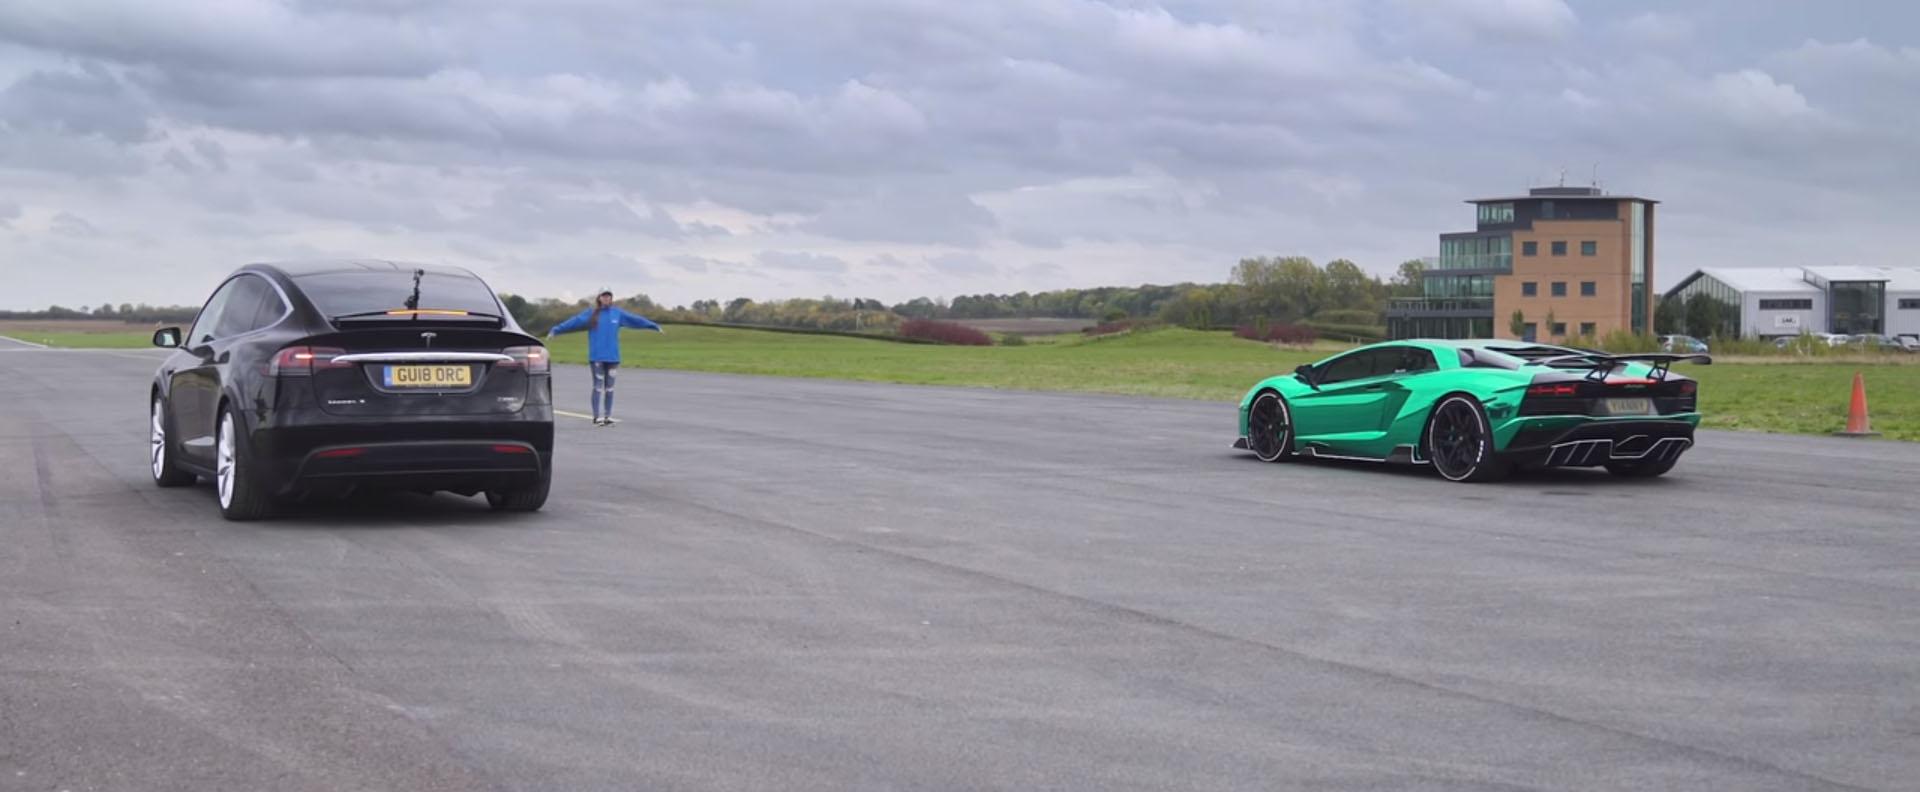 Може ли Tesla Model X (P100D) да го надмине Lamborghini Aventador S? / ВИДЕО